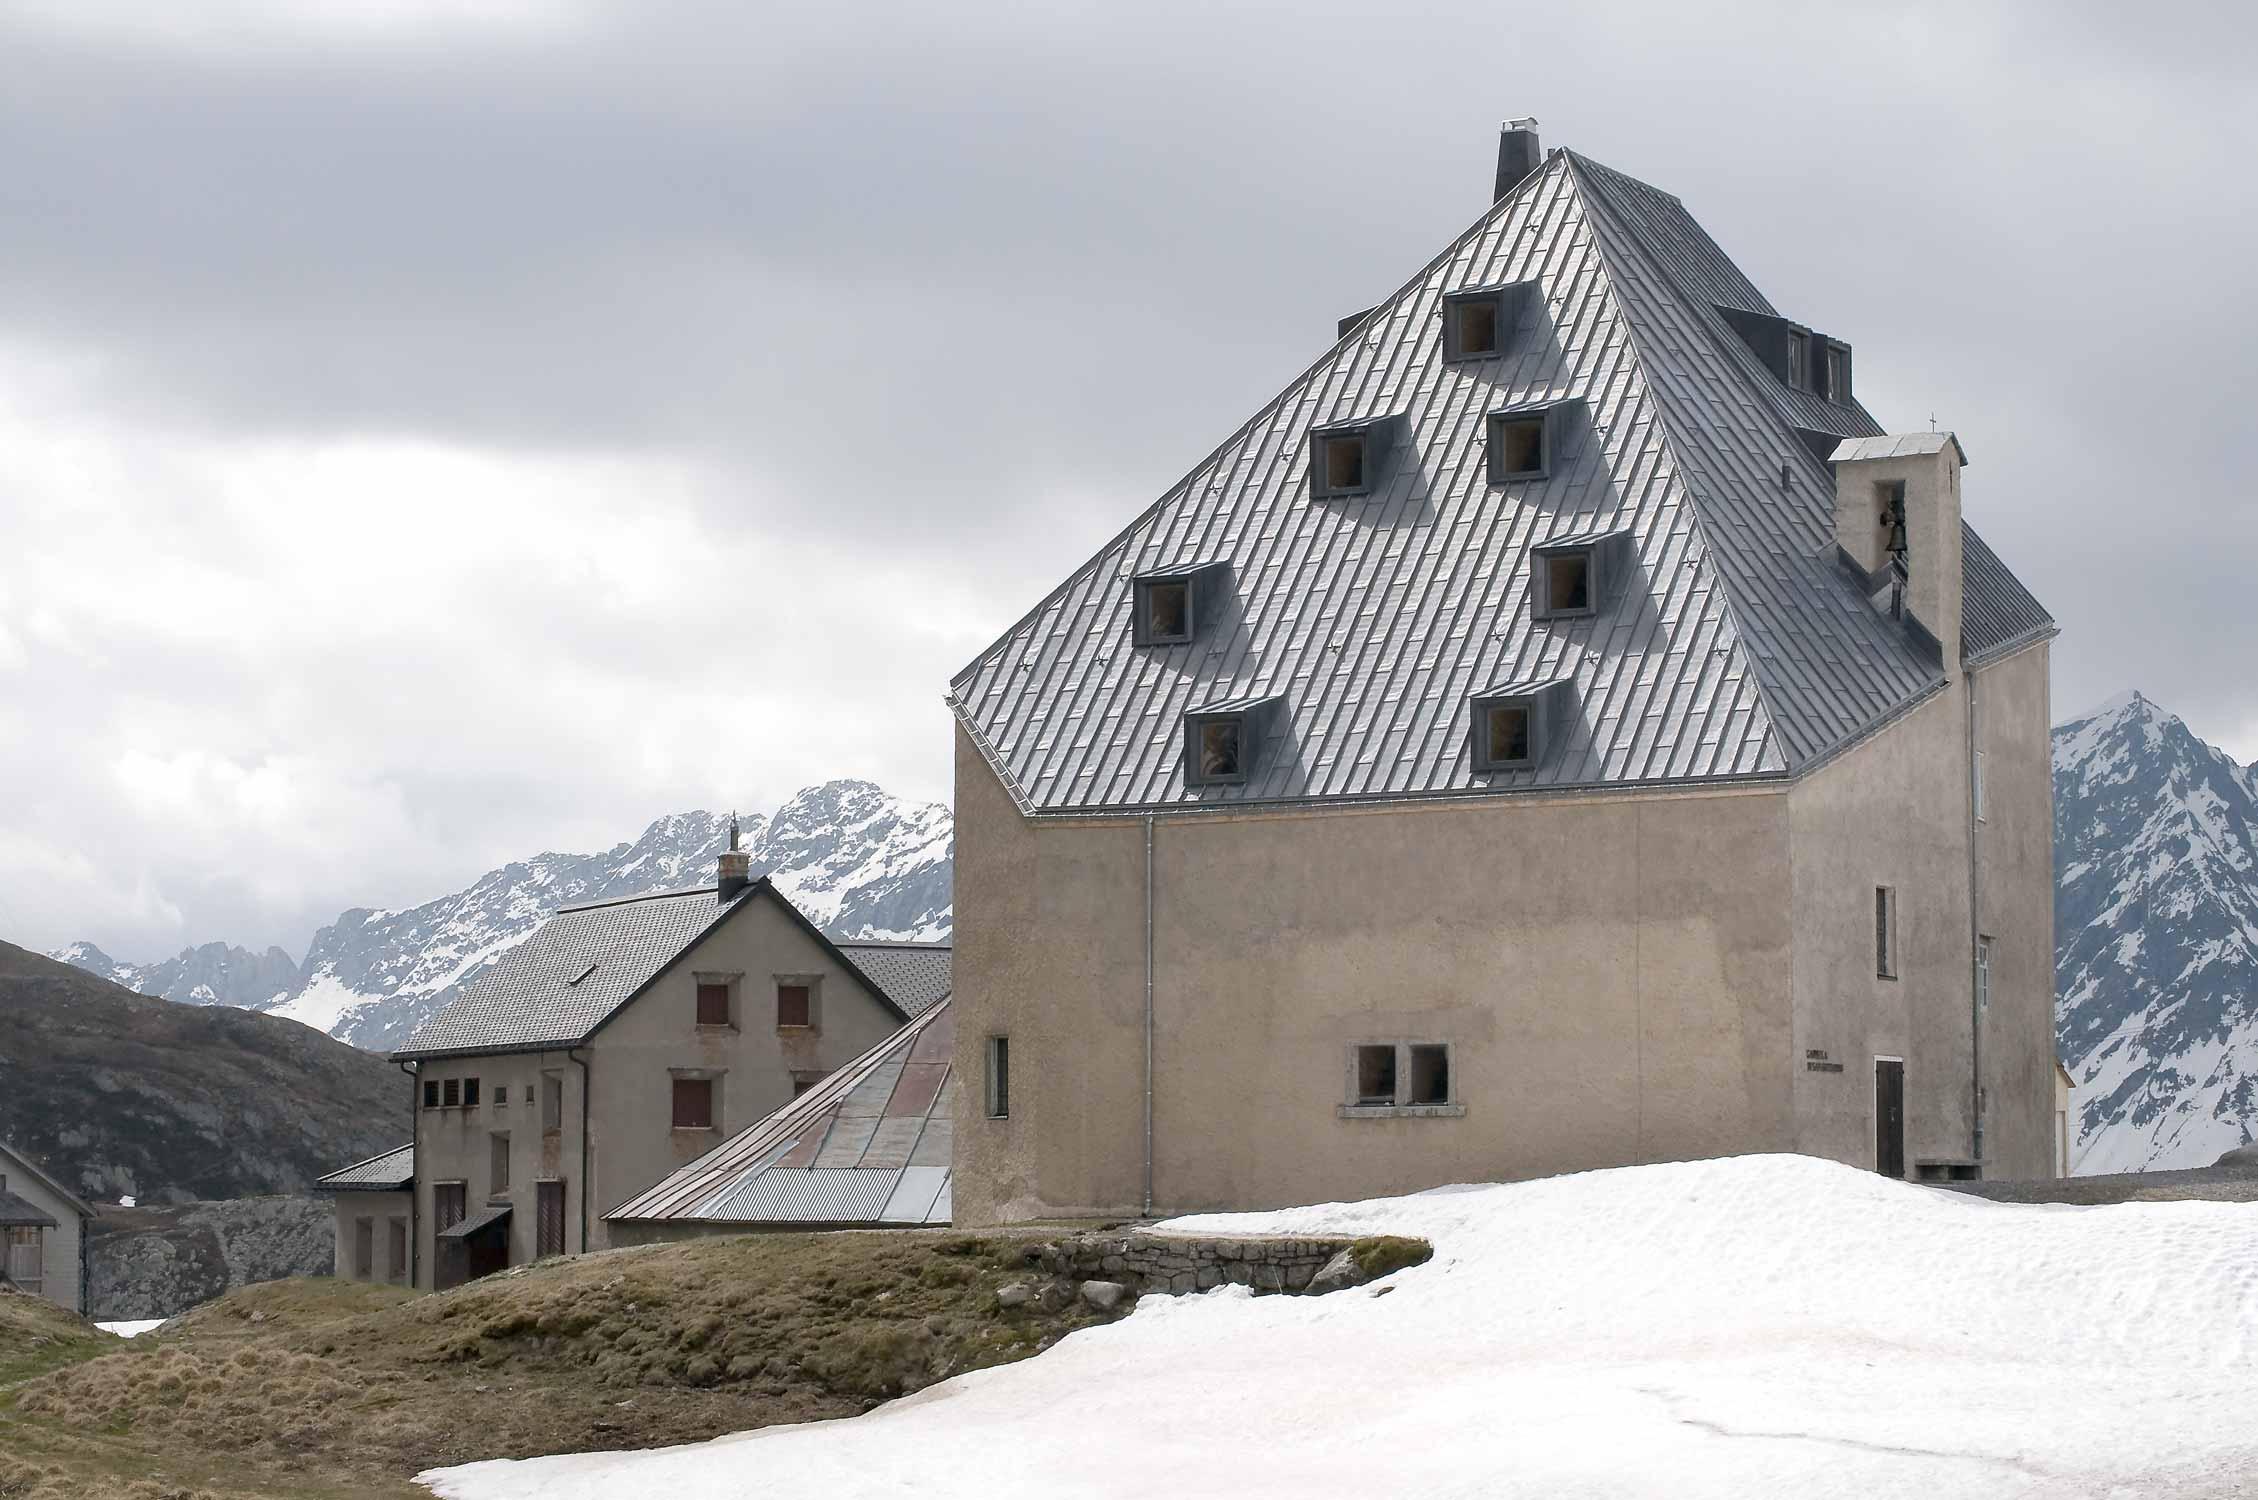 Aussenansicht des Gebäudes am See liegend, mit Schnee und wolkigem Himmel.